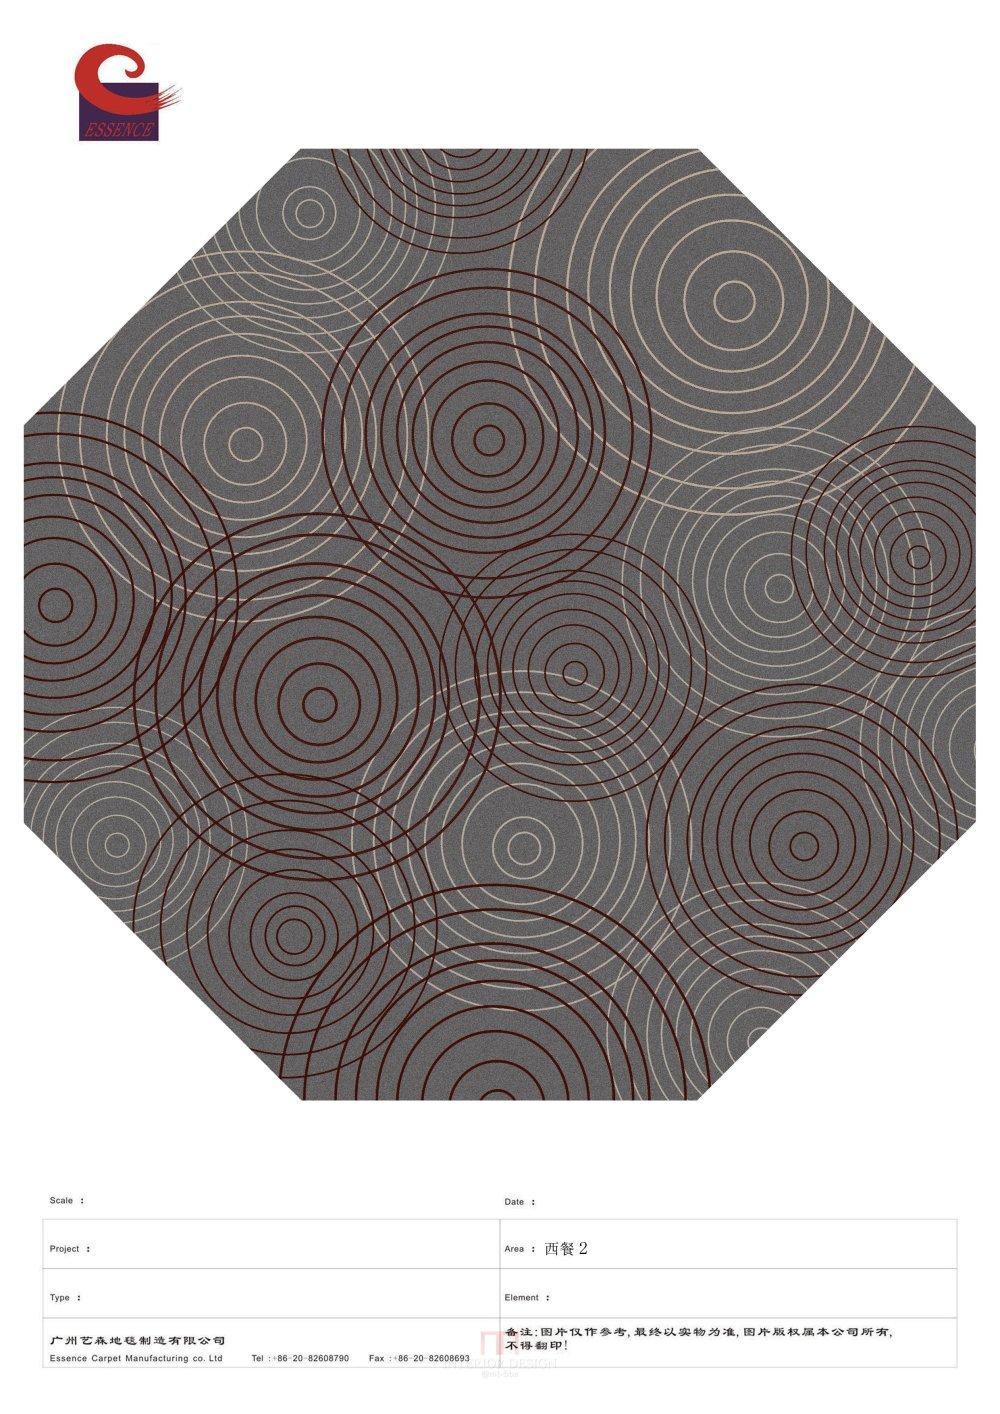 高清地毯贴图_134.jpg